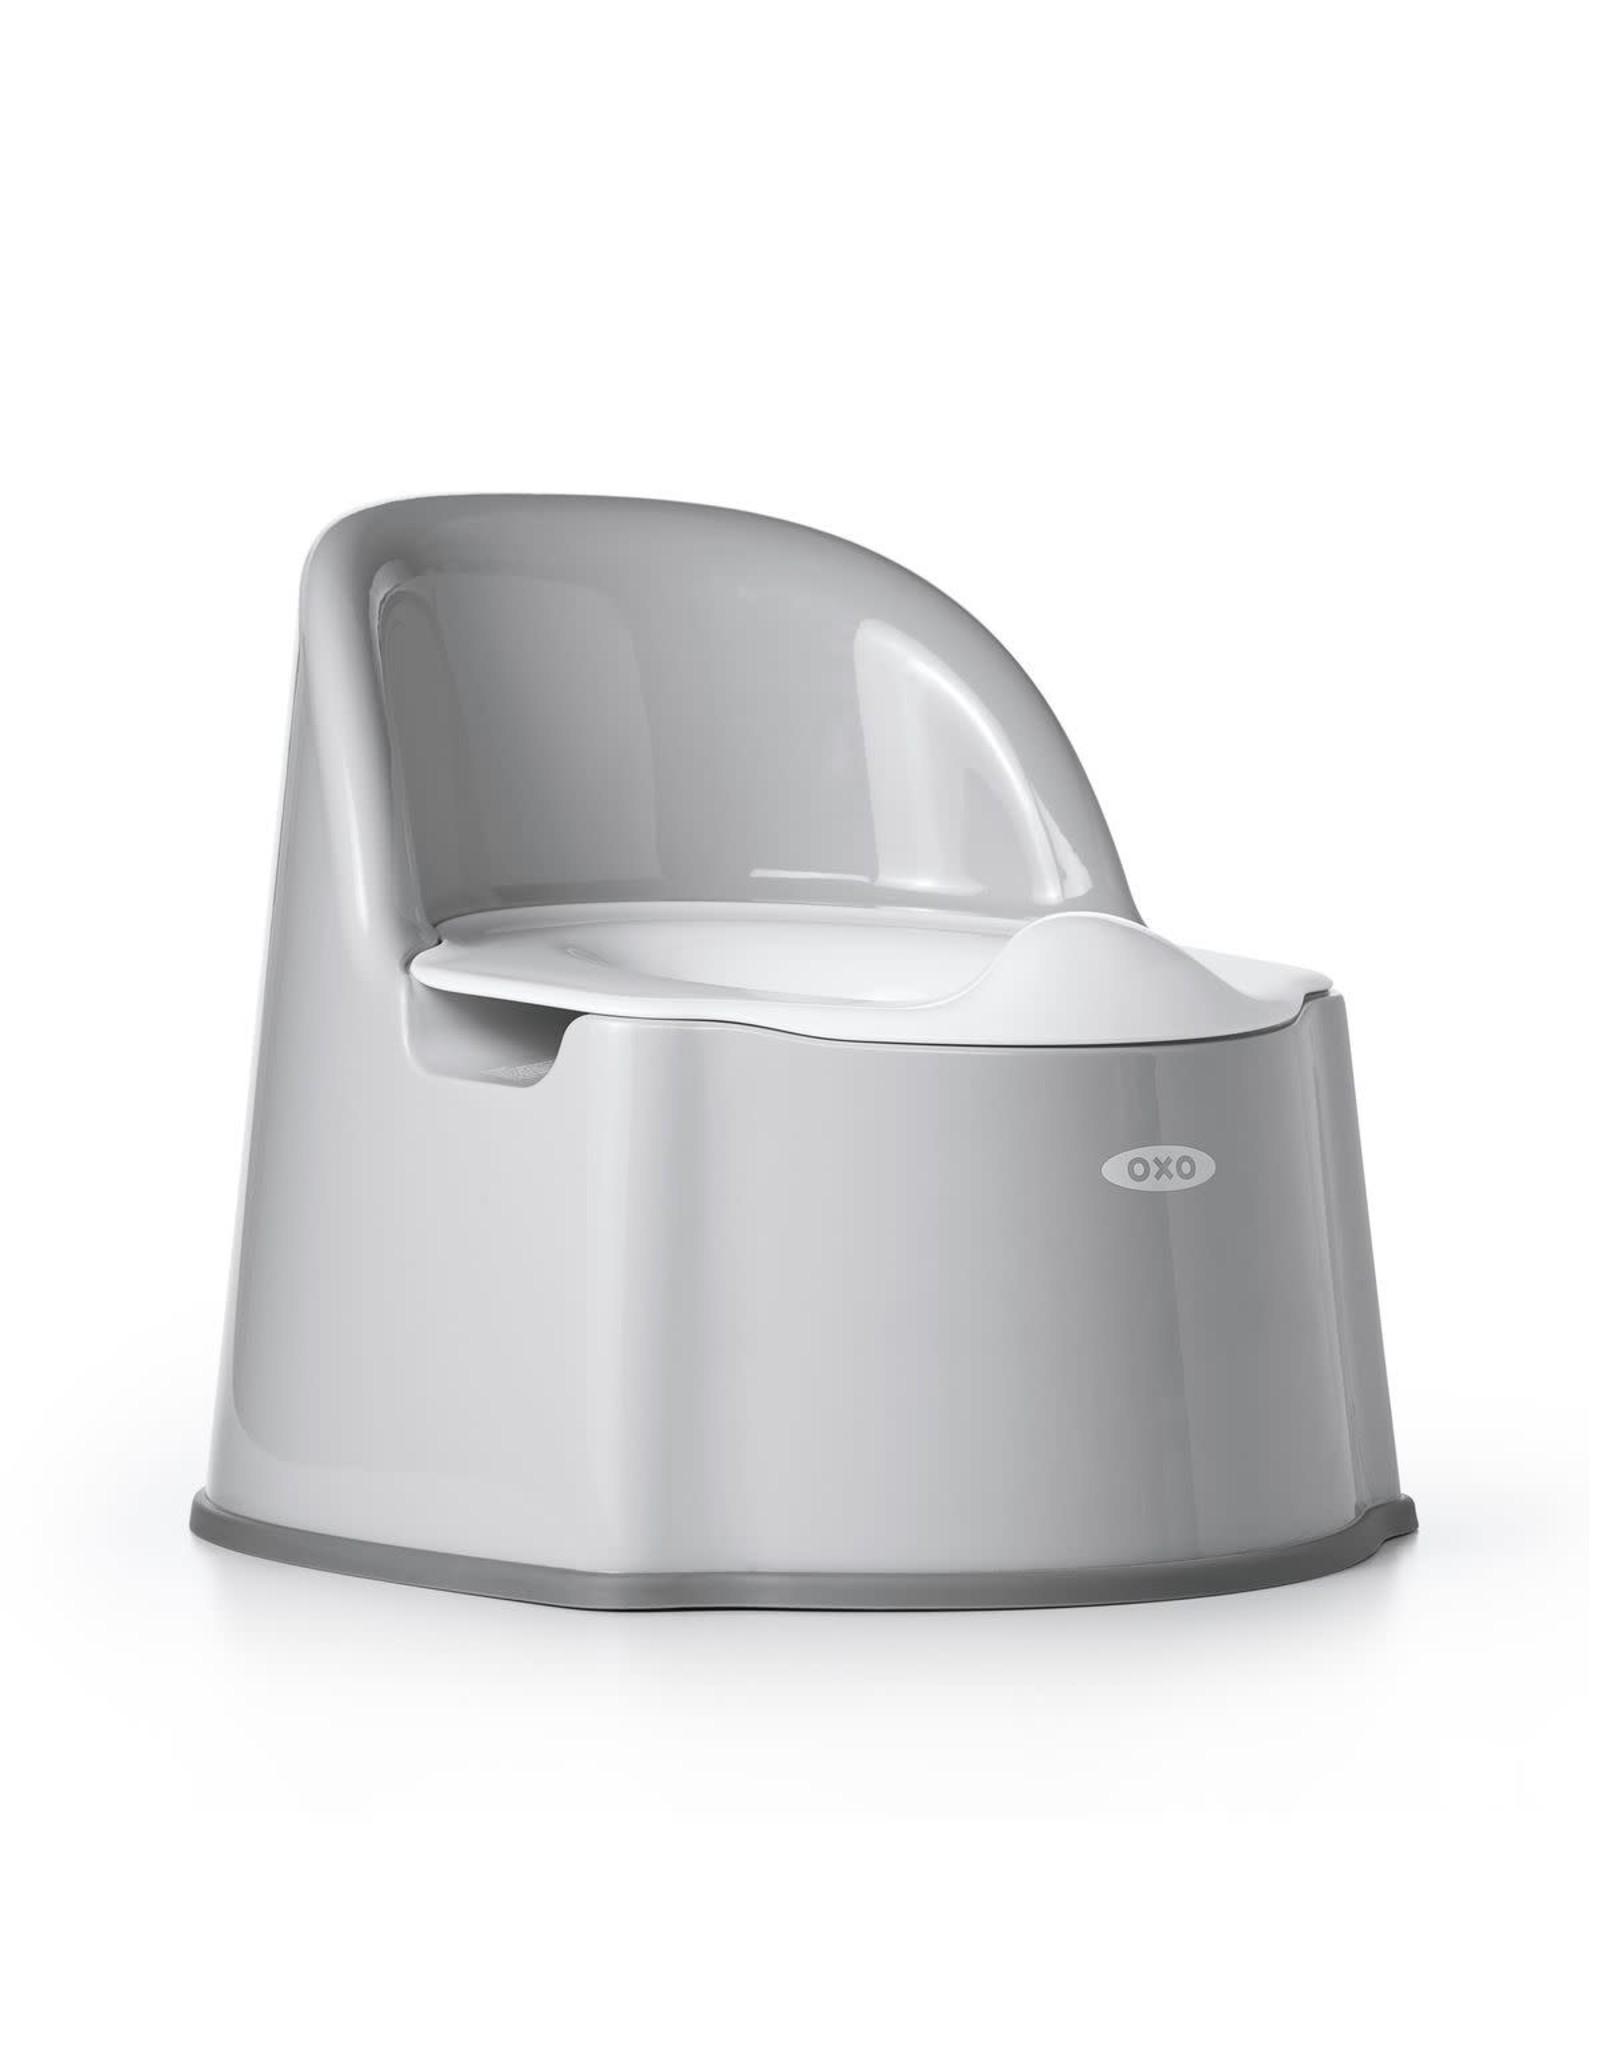 Oxo Potty Chair, Grey